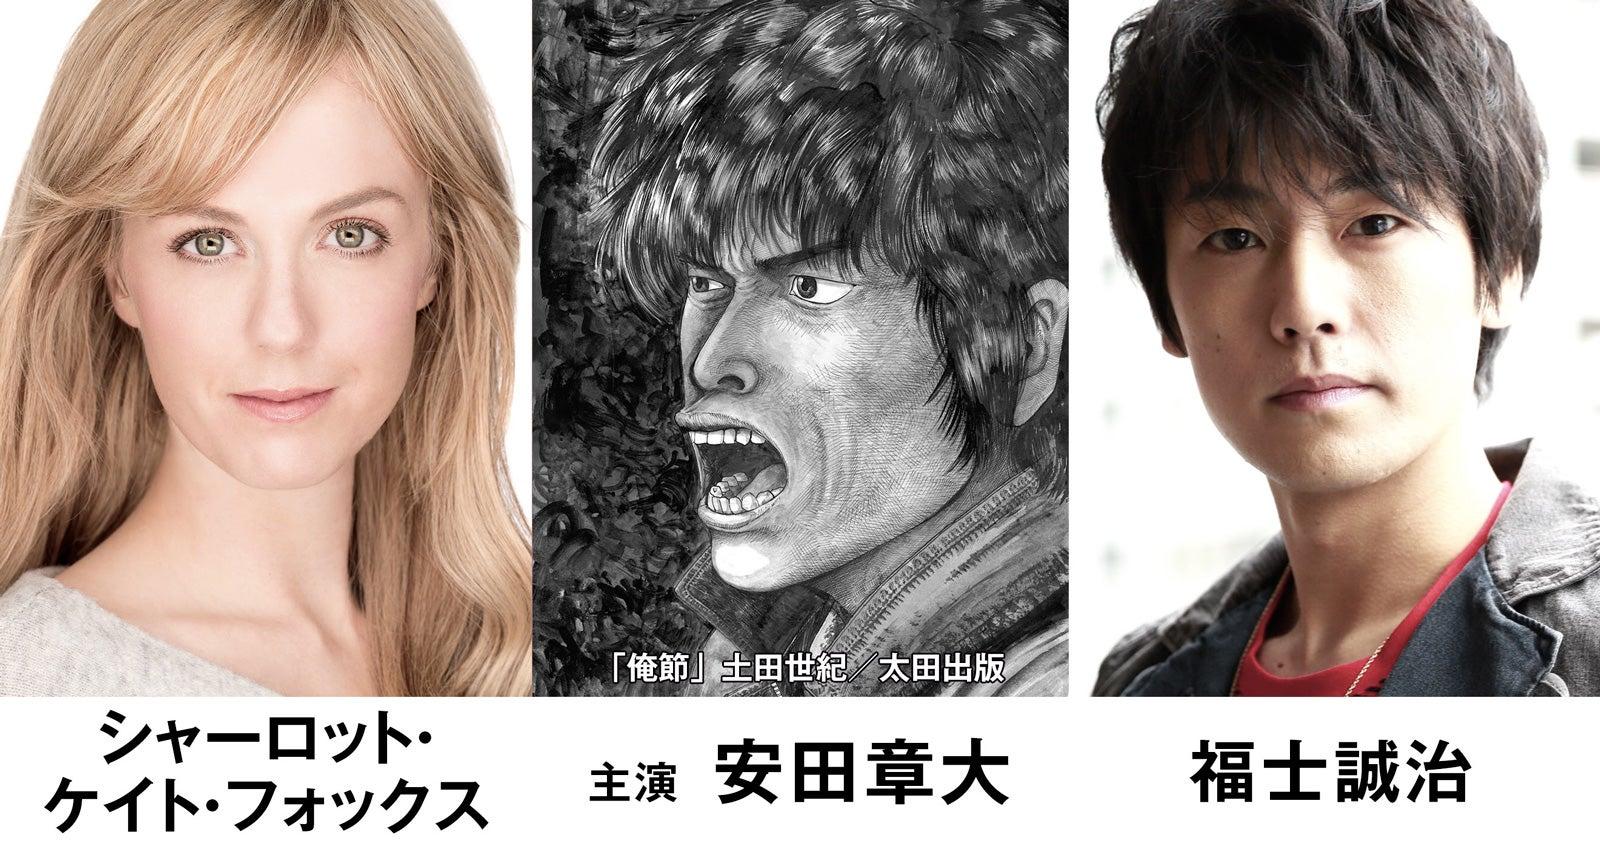 関ジャニ∞安田章大、演歌歌手を目指す!人気漫画が初